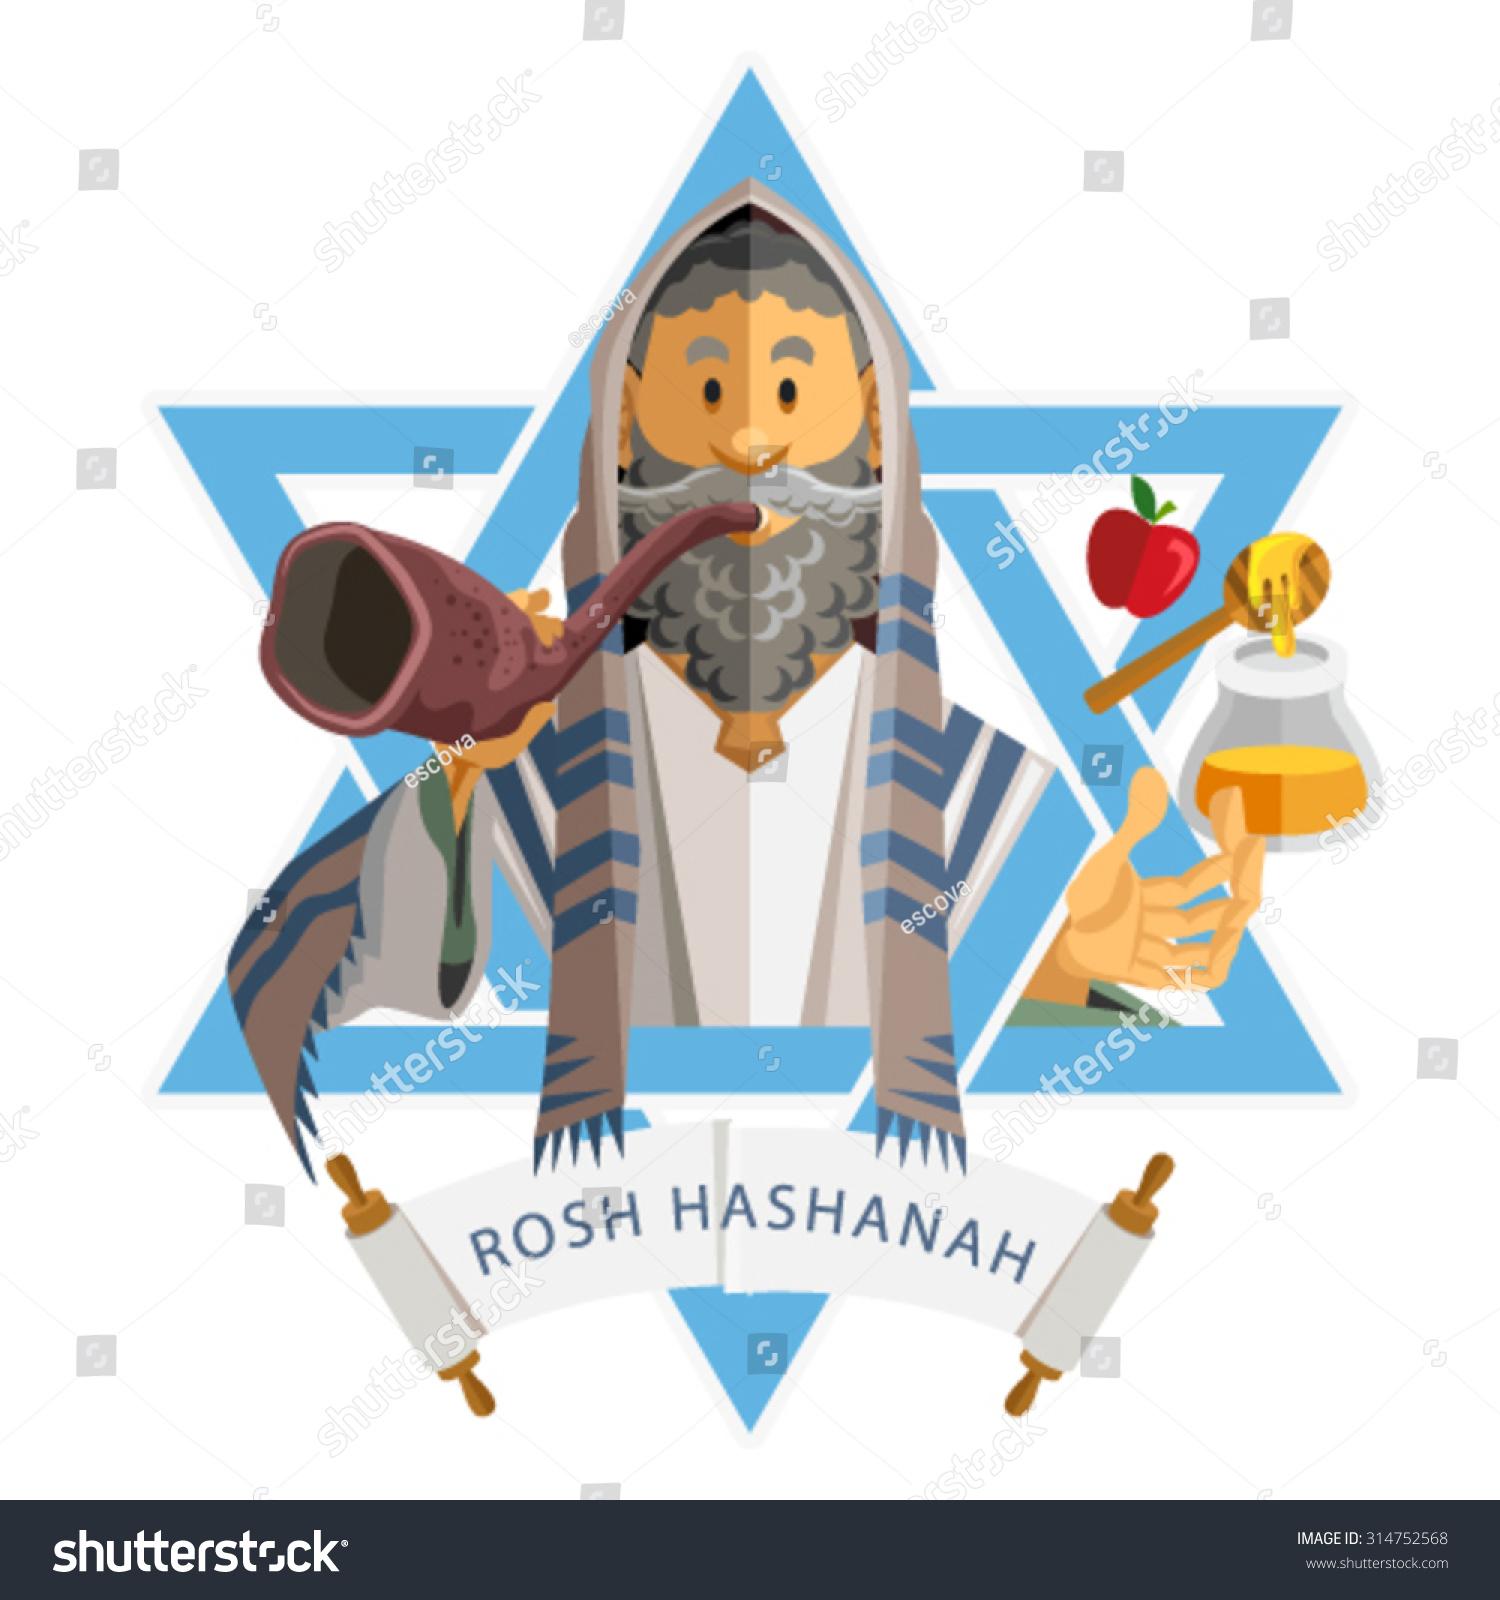 Rosh Hashanah Jewish New Year Yom Kippur Illustration Of Jewish New Year Rosh Hashanah Feast